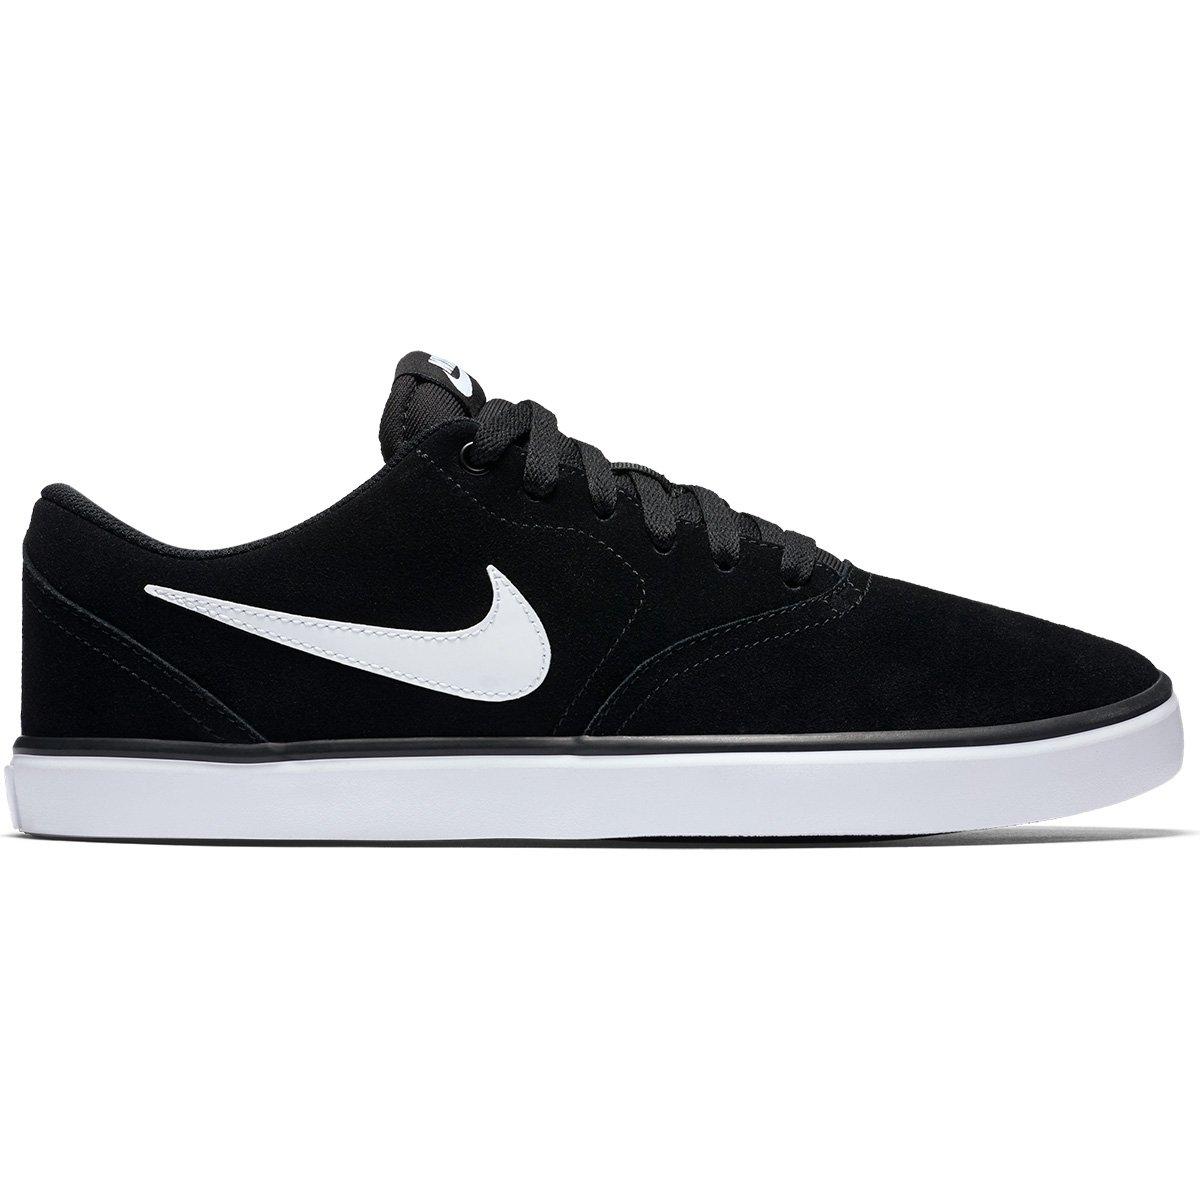 d4963d048c Tênis Nike Sb Check Solar Masculino - Preto e Branco - Compre Agora ...